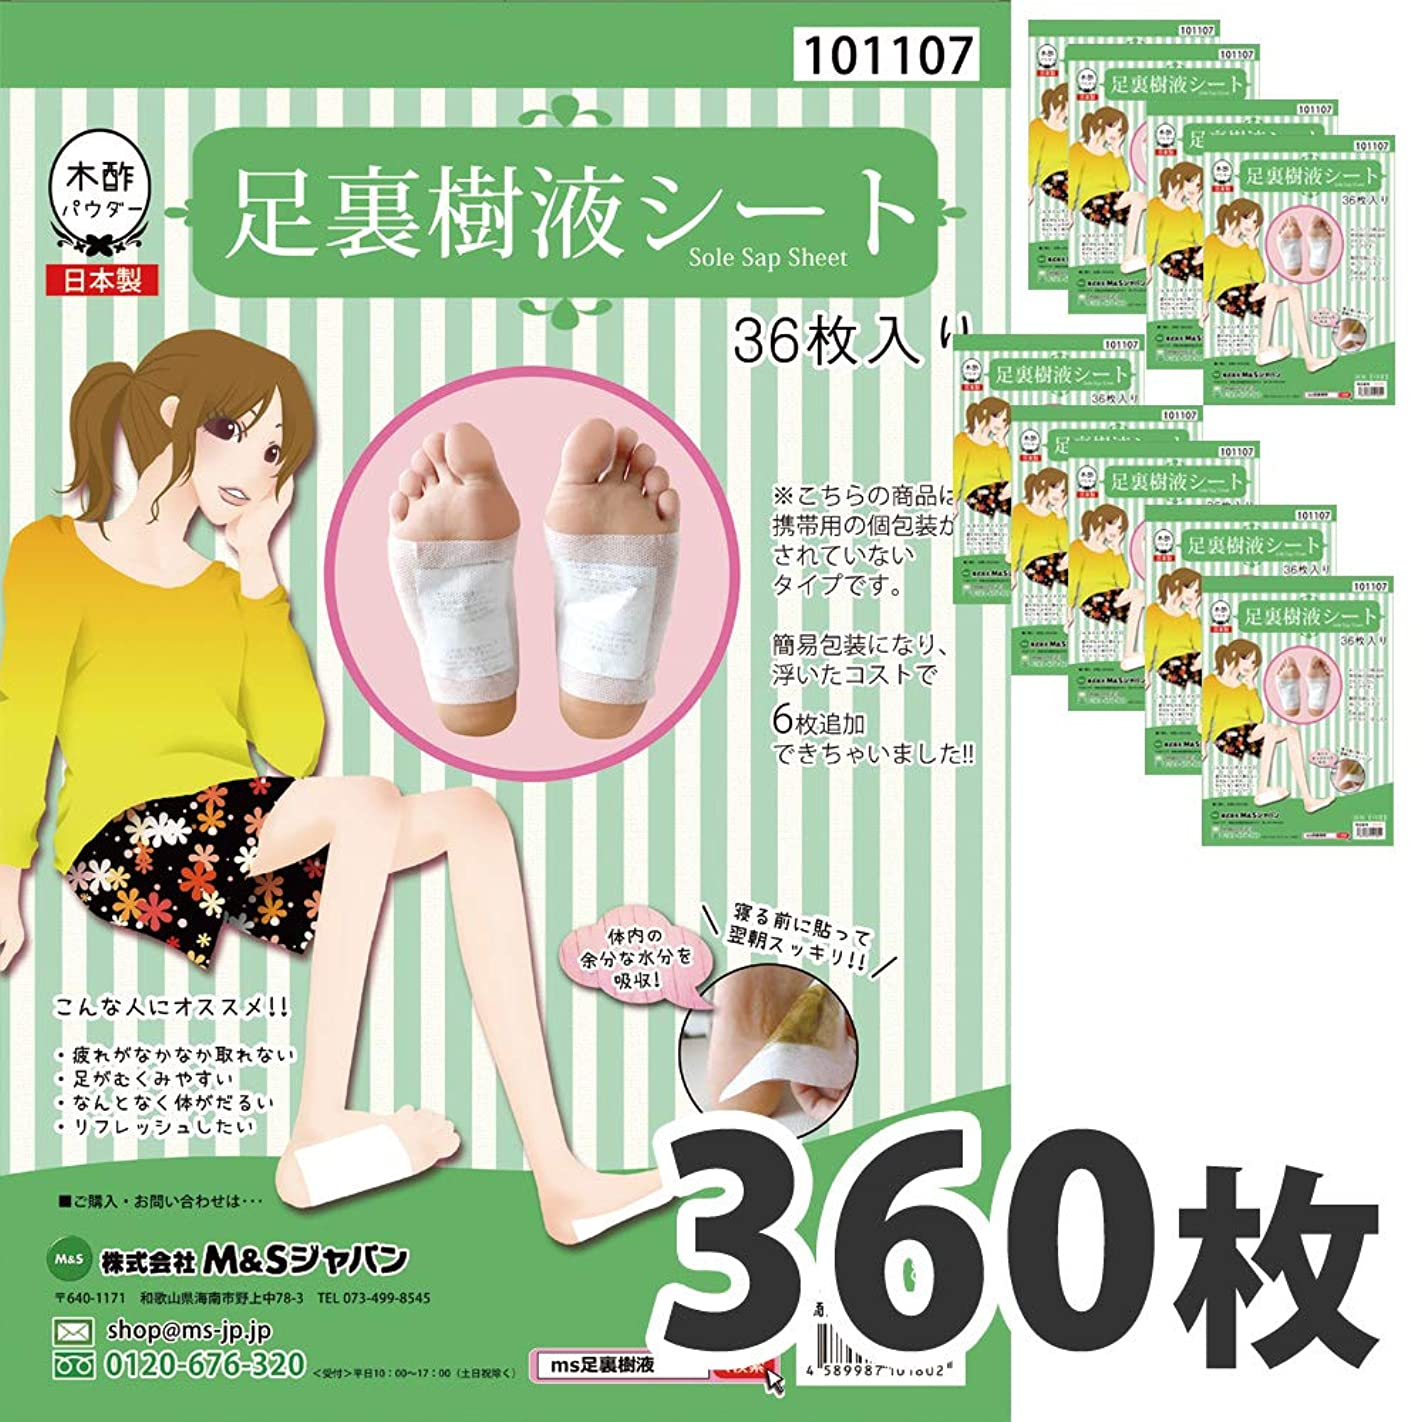 チョコレートトランスペアレント器具日本製 足裏樹液シート 足裏シート お得 人気 樹液シート 足裏 (360枚入り)